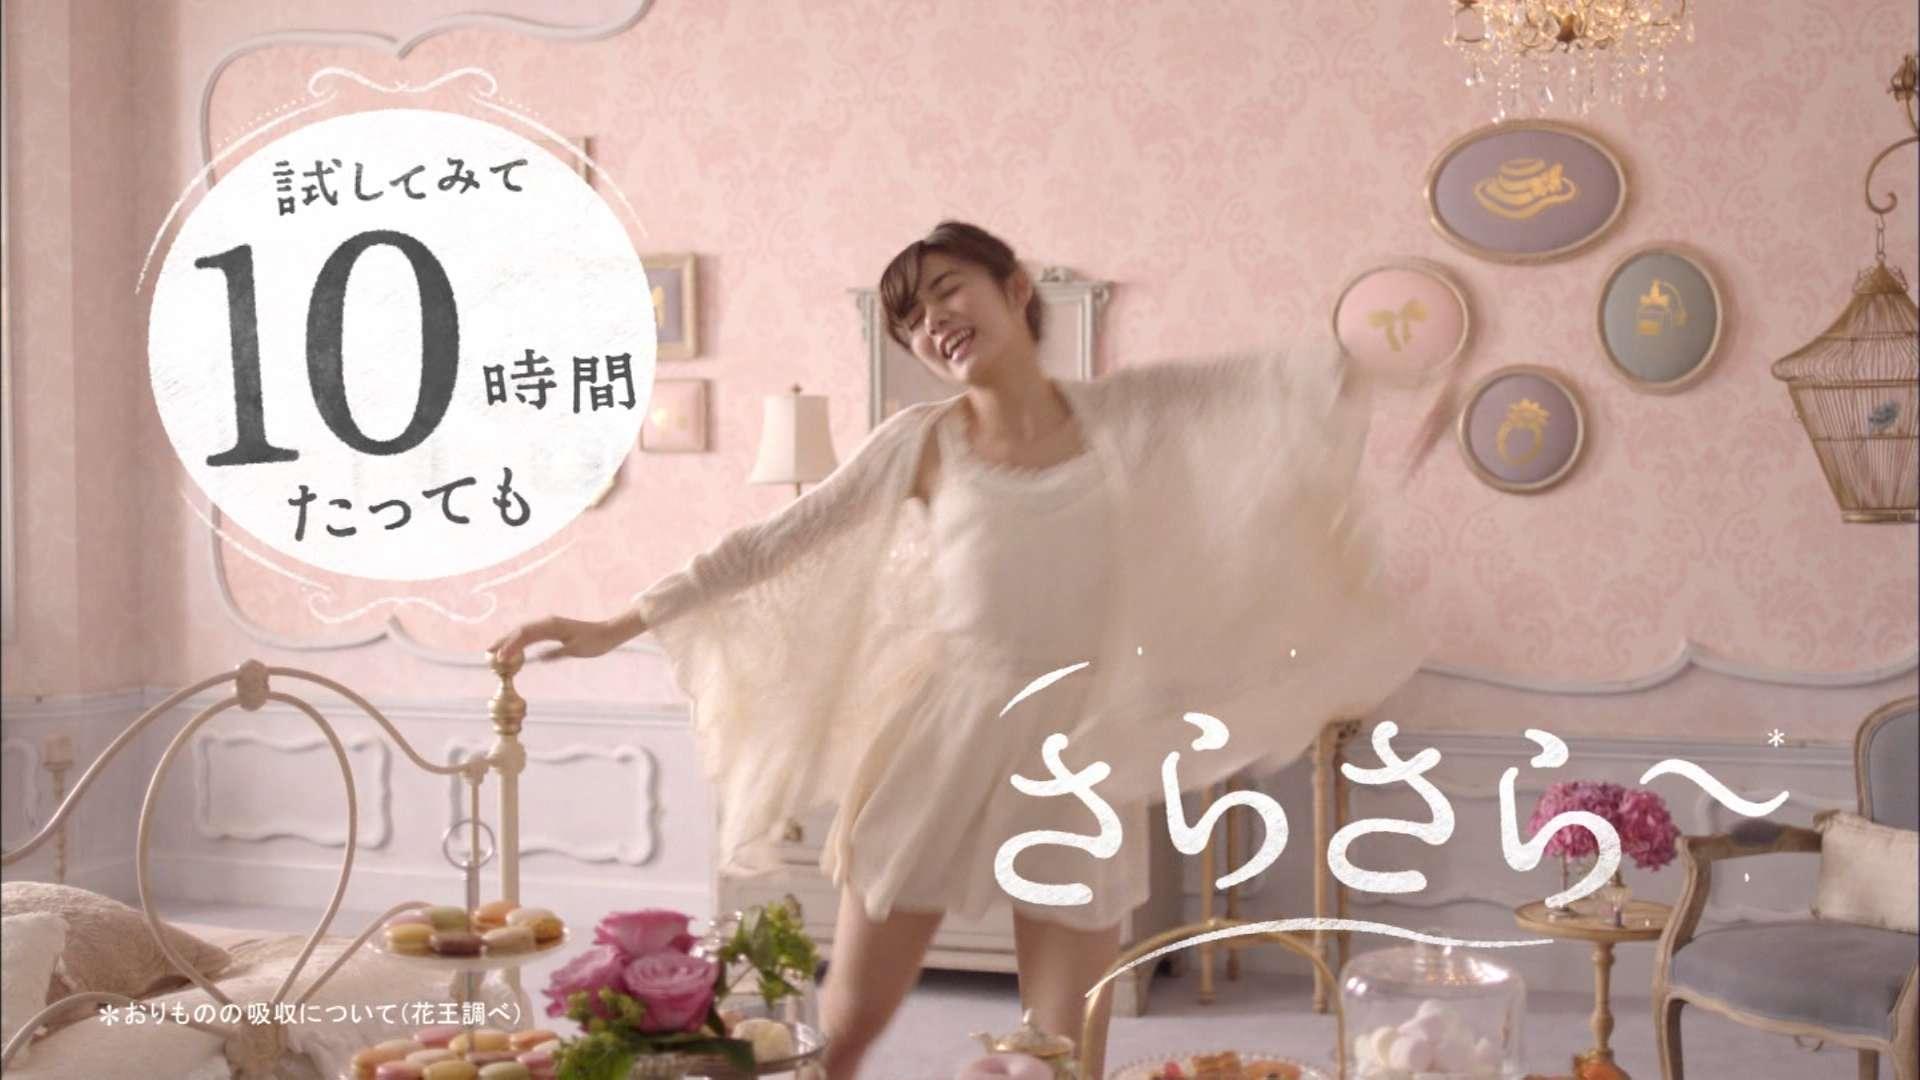 池田エライザ 画像13